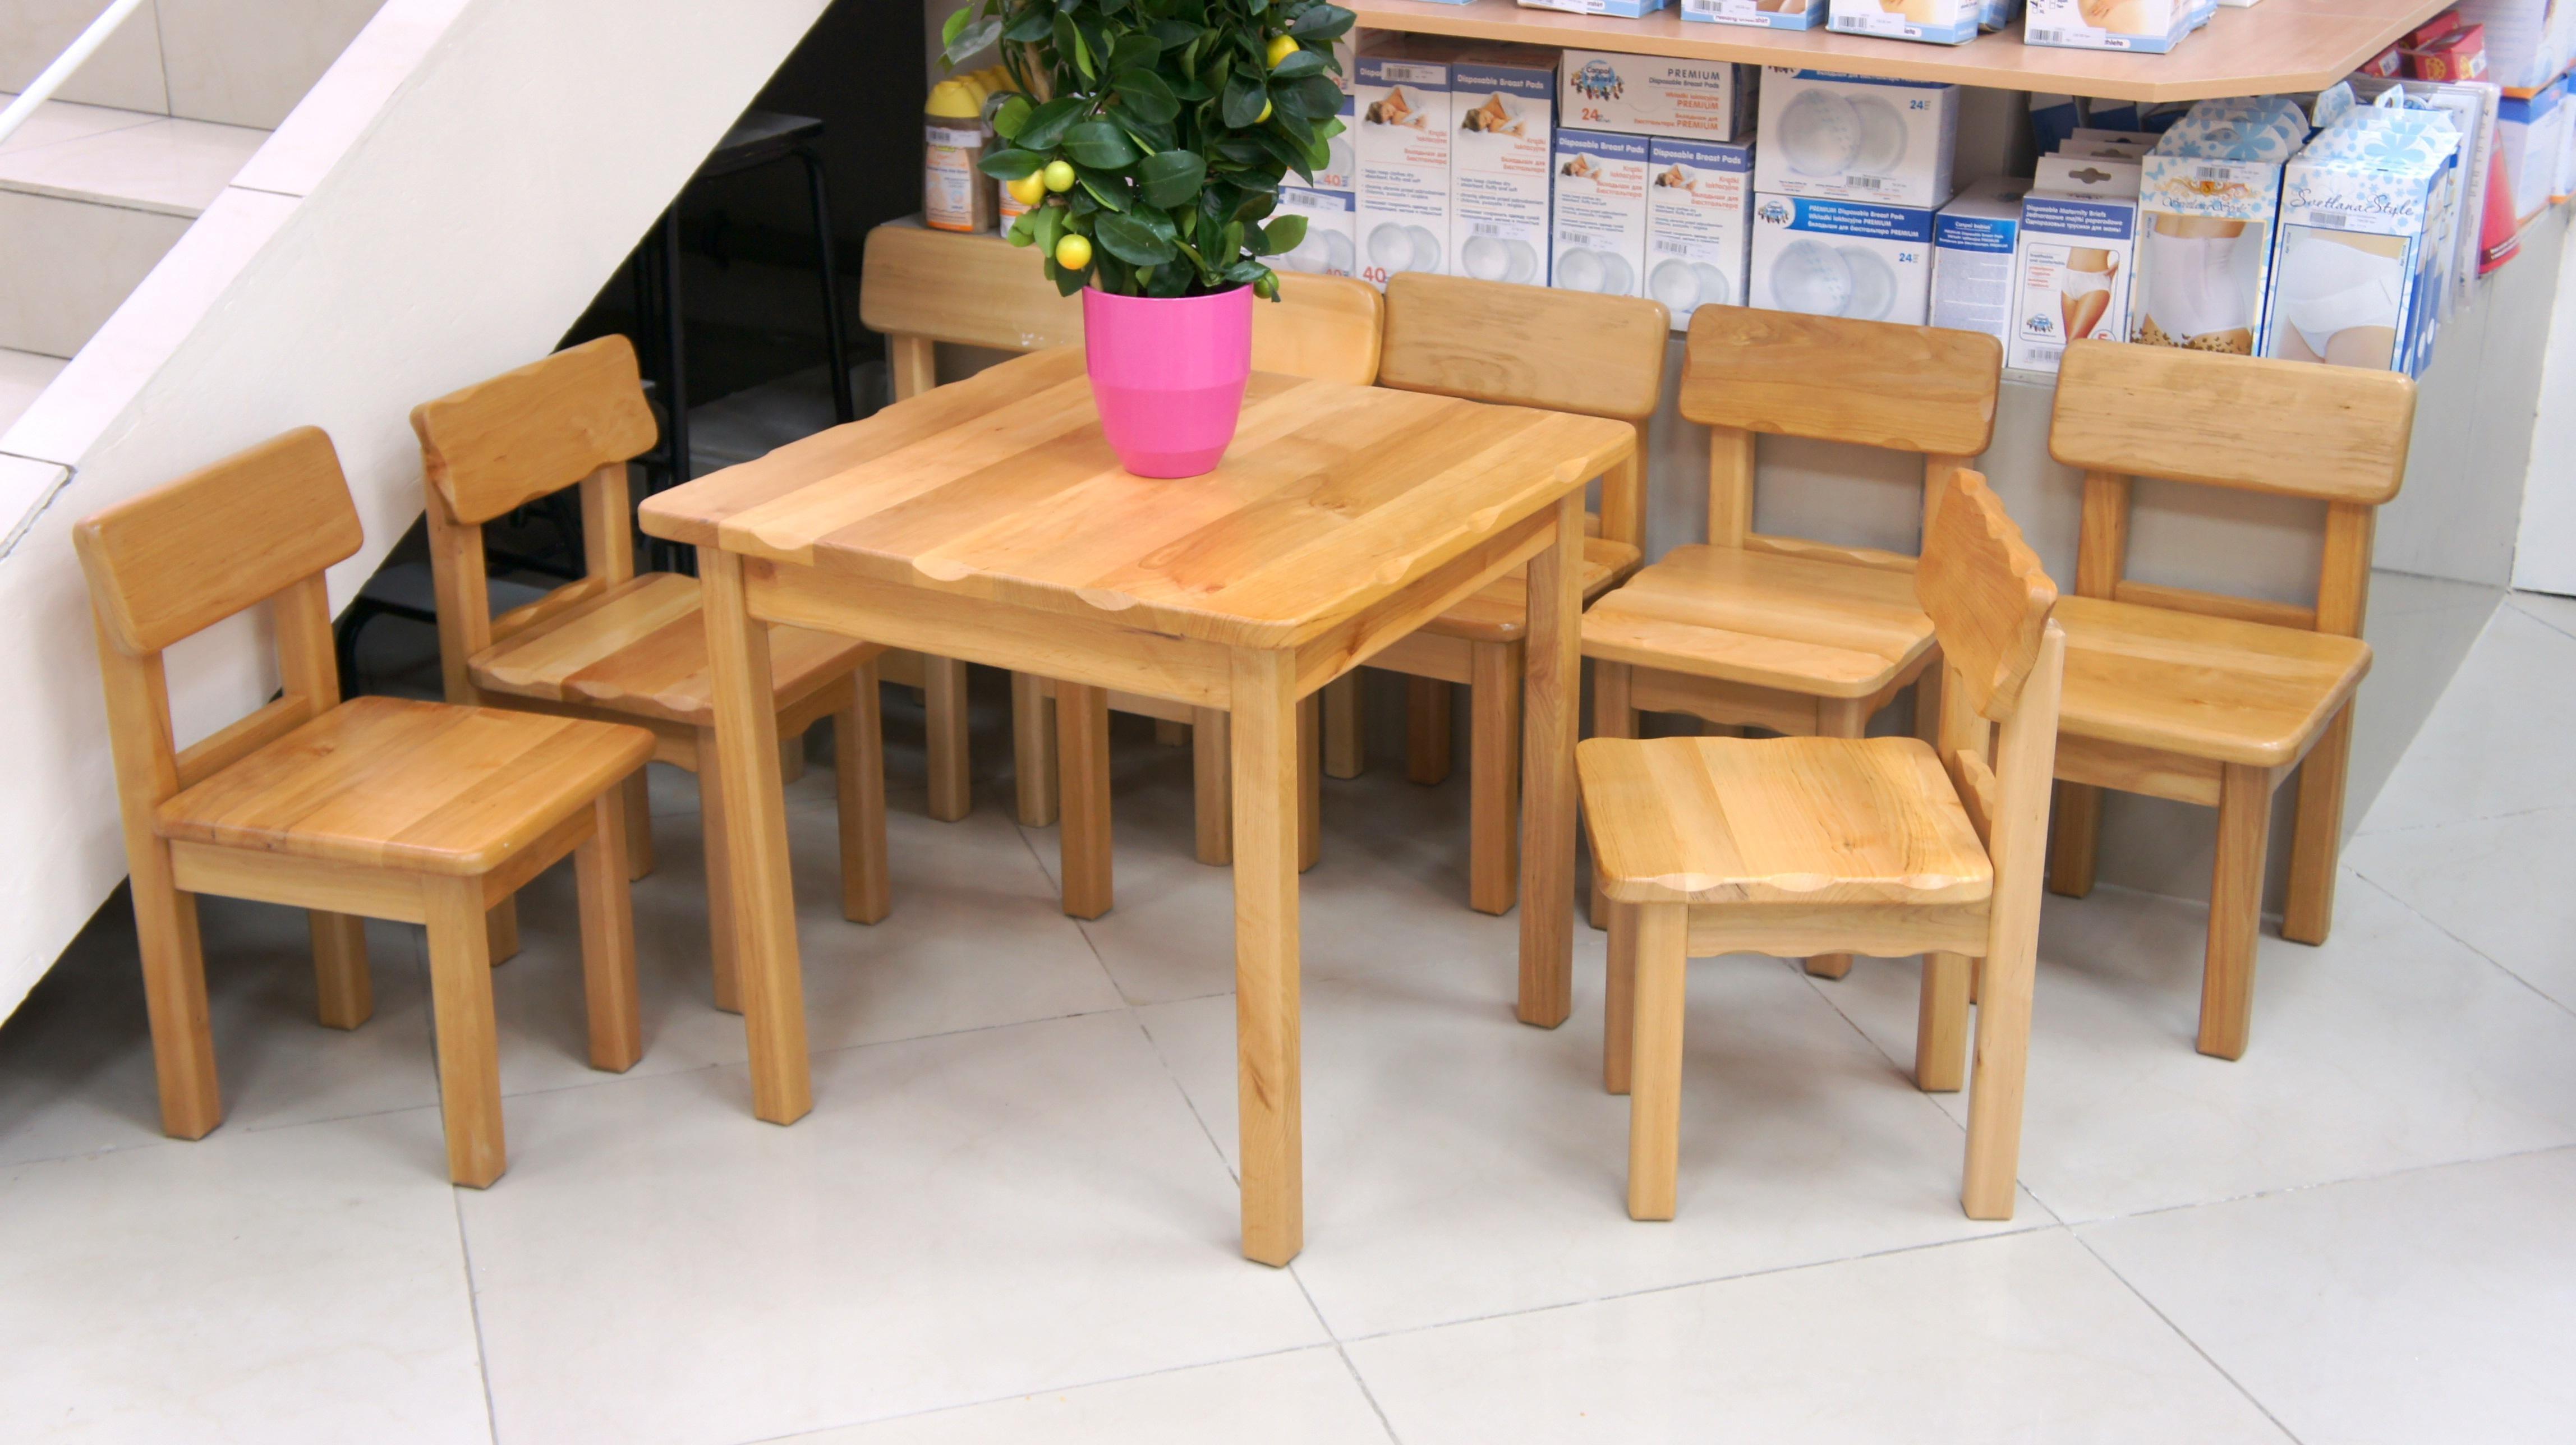 Верес дерев'яний столик столи дерев'яні столи столова група .